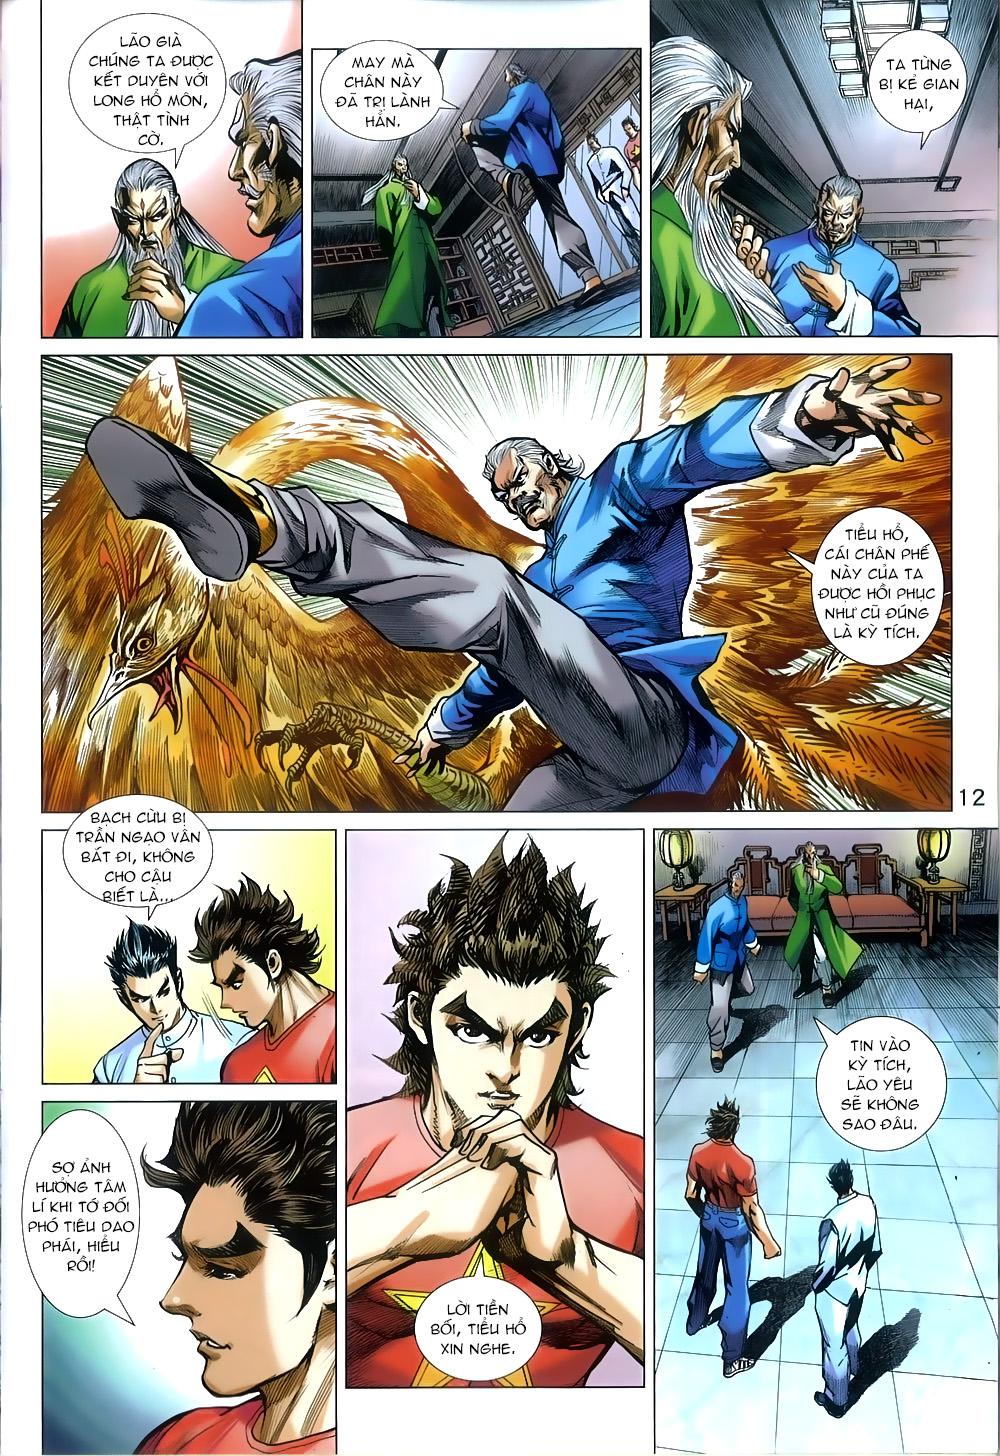 Tân Tác Long Hổ Môn chap 812 Trang 12 - Mangak.info